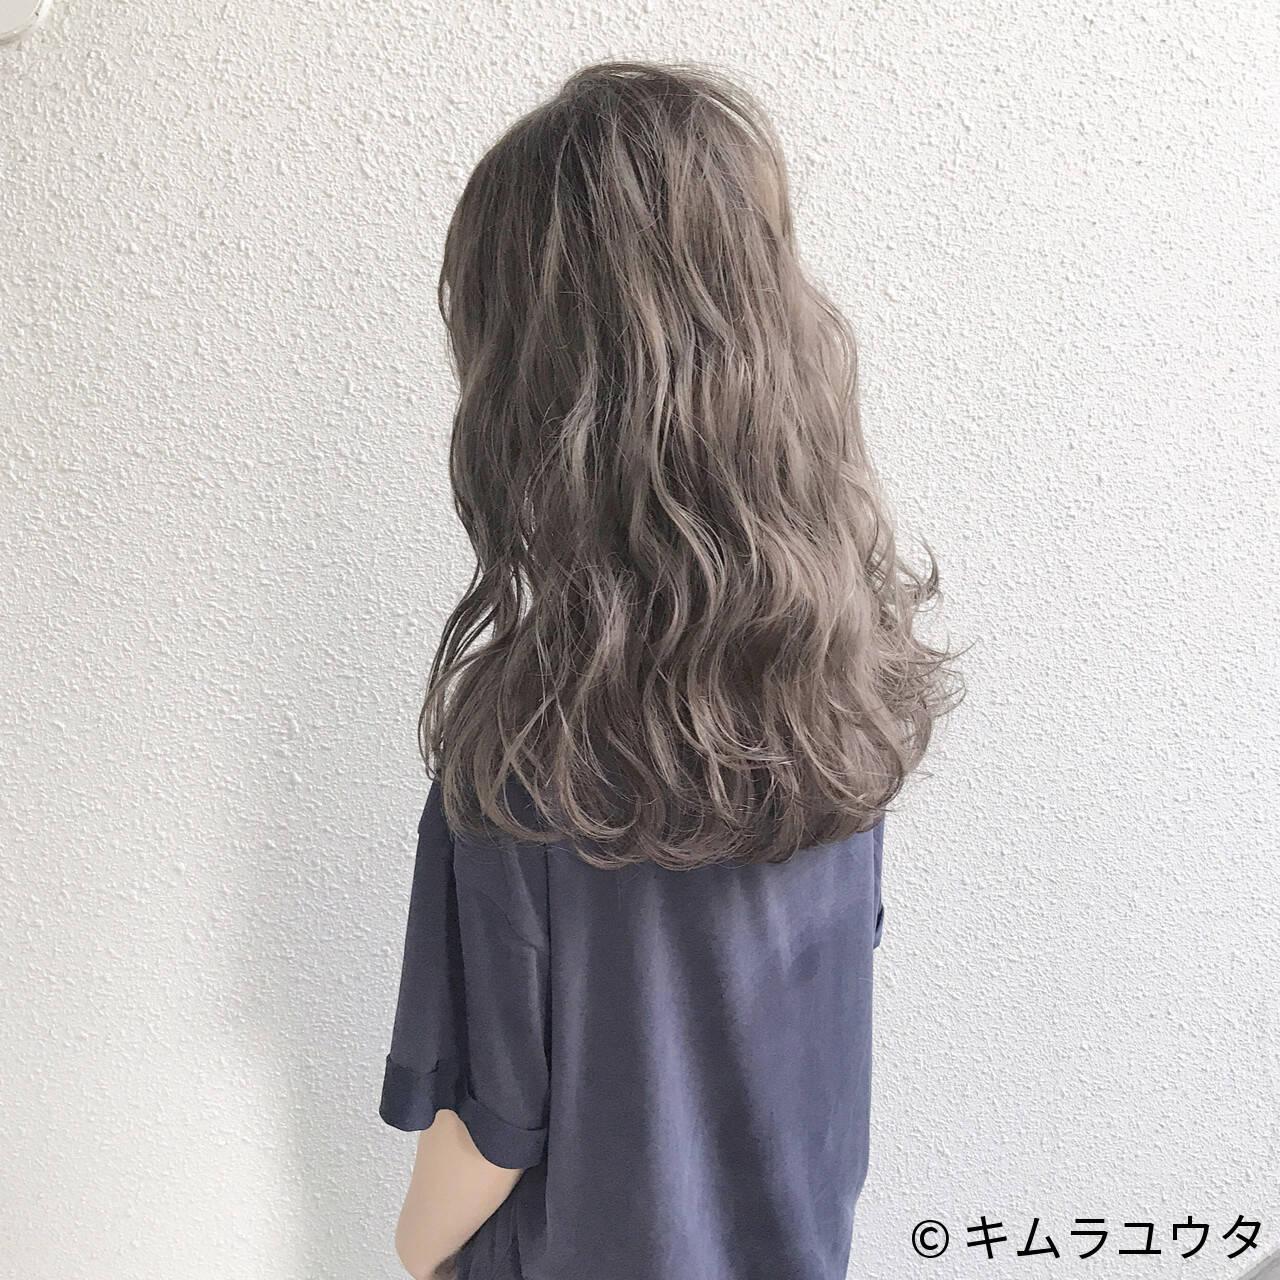 セミロング 外国人風 アッシュグレージュ アッシュヘアスタイルや髪型の写真・画像